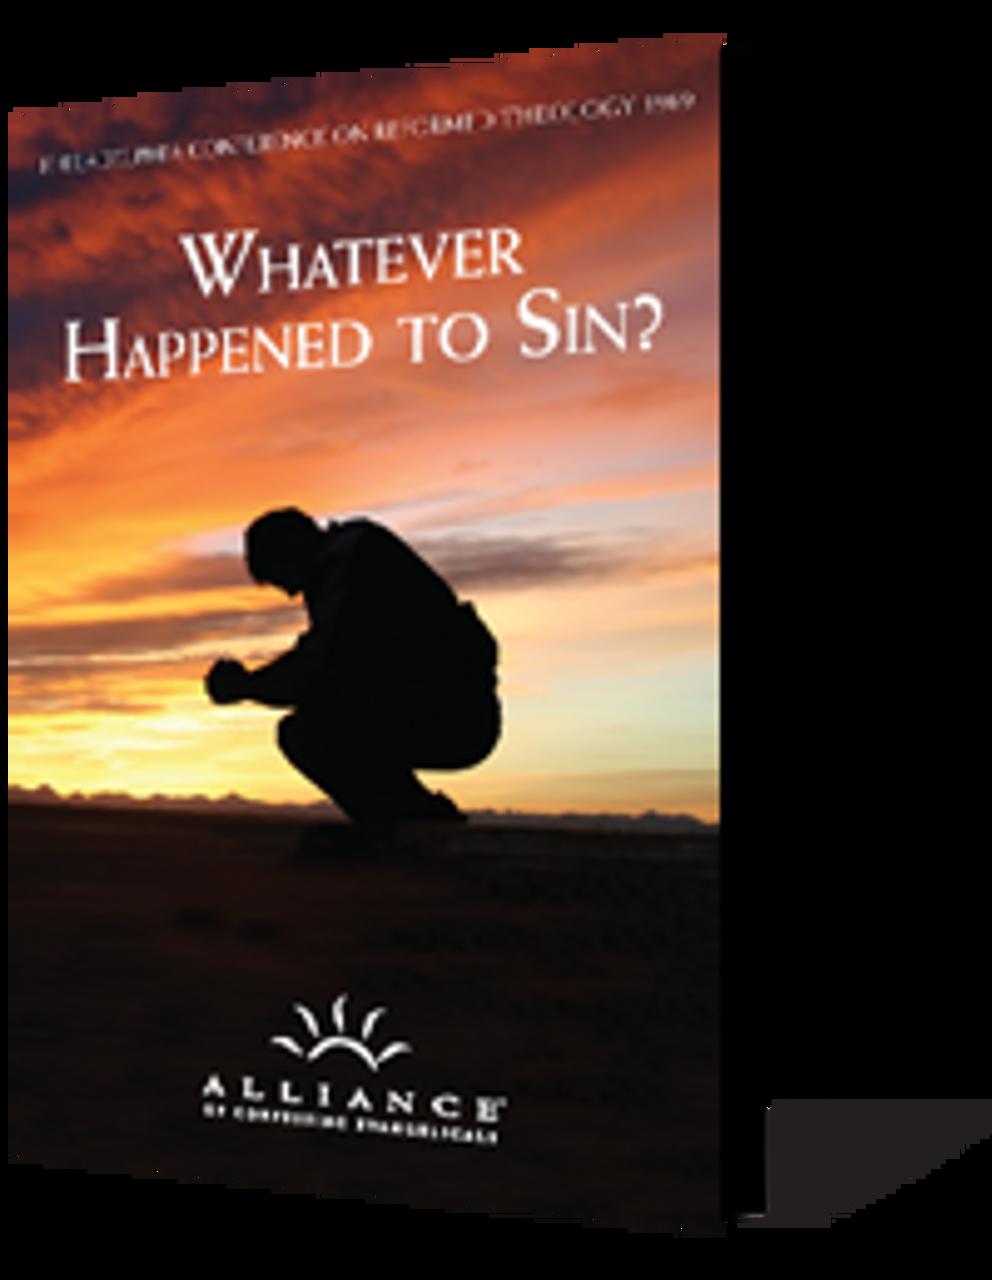 Whatever Happened to Sin? PCRT 1989 (CD Set)